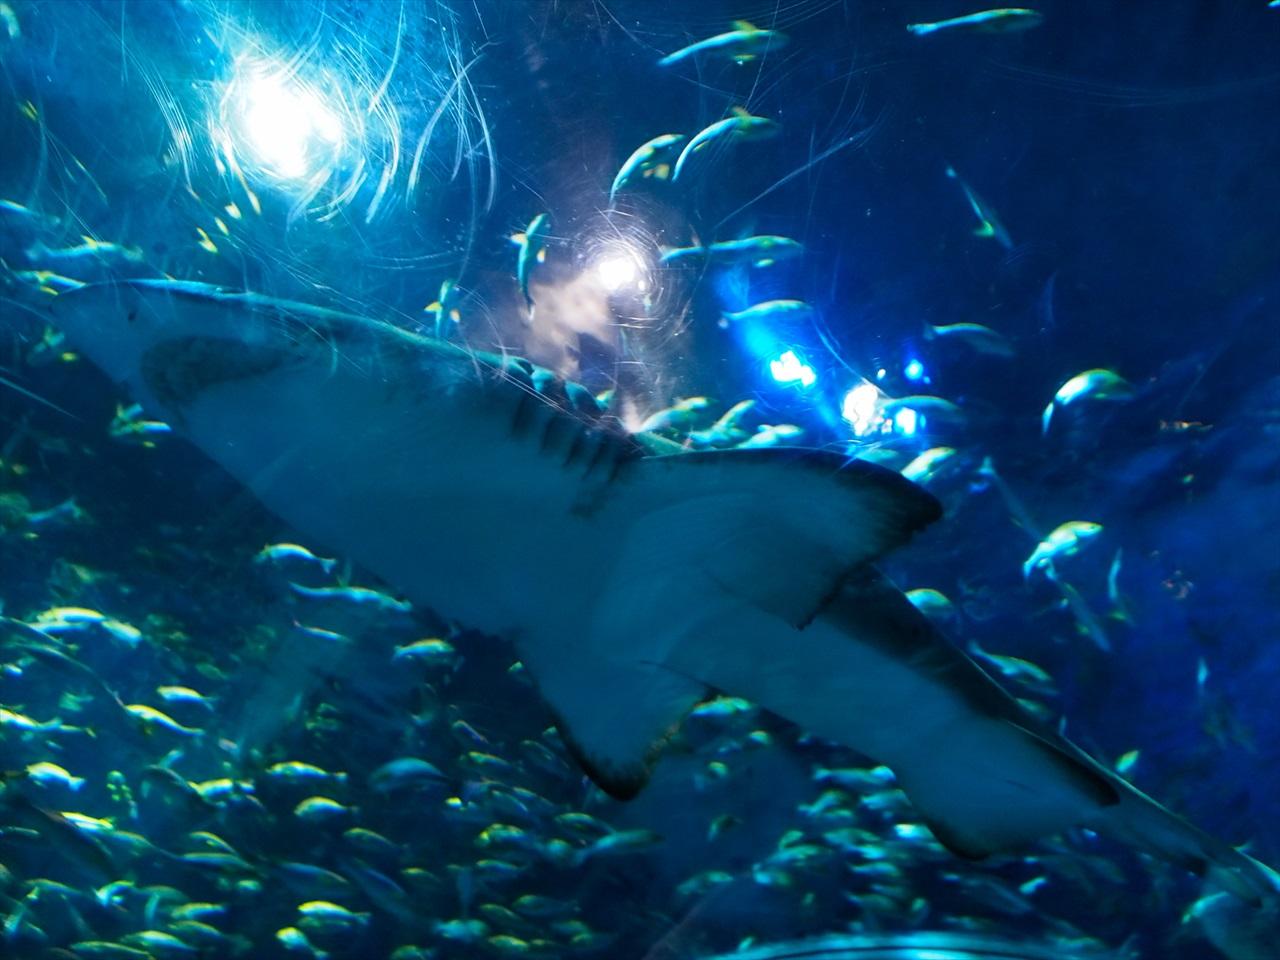 アクアトンネルの頭上を泳ぐサメ